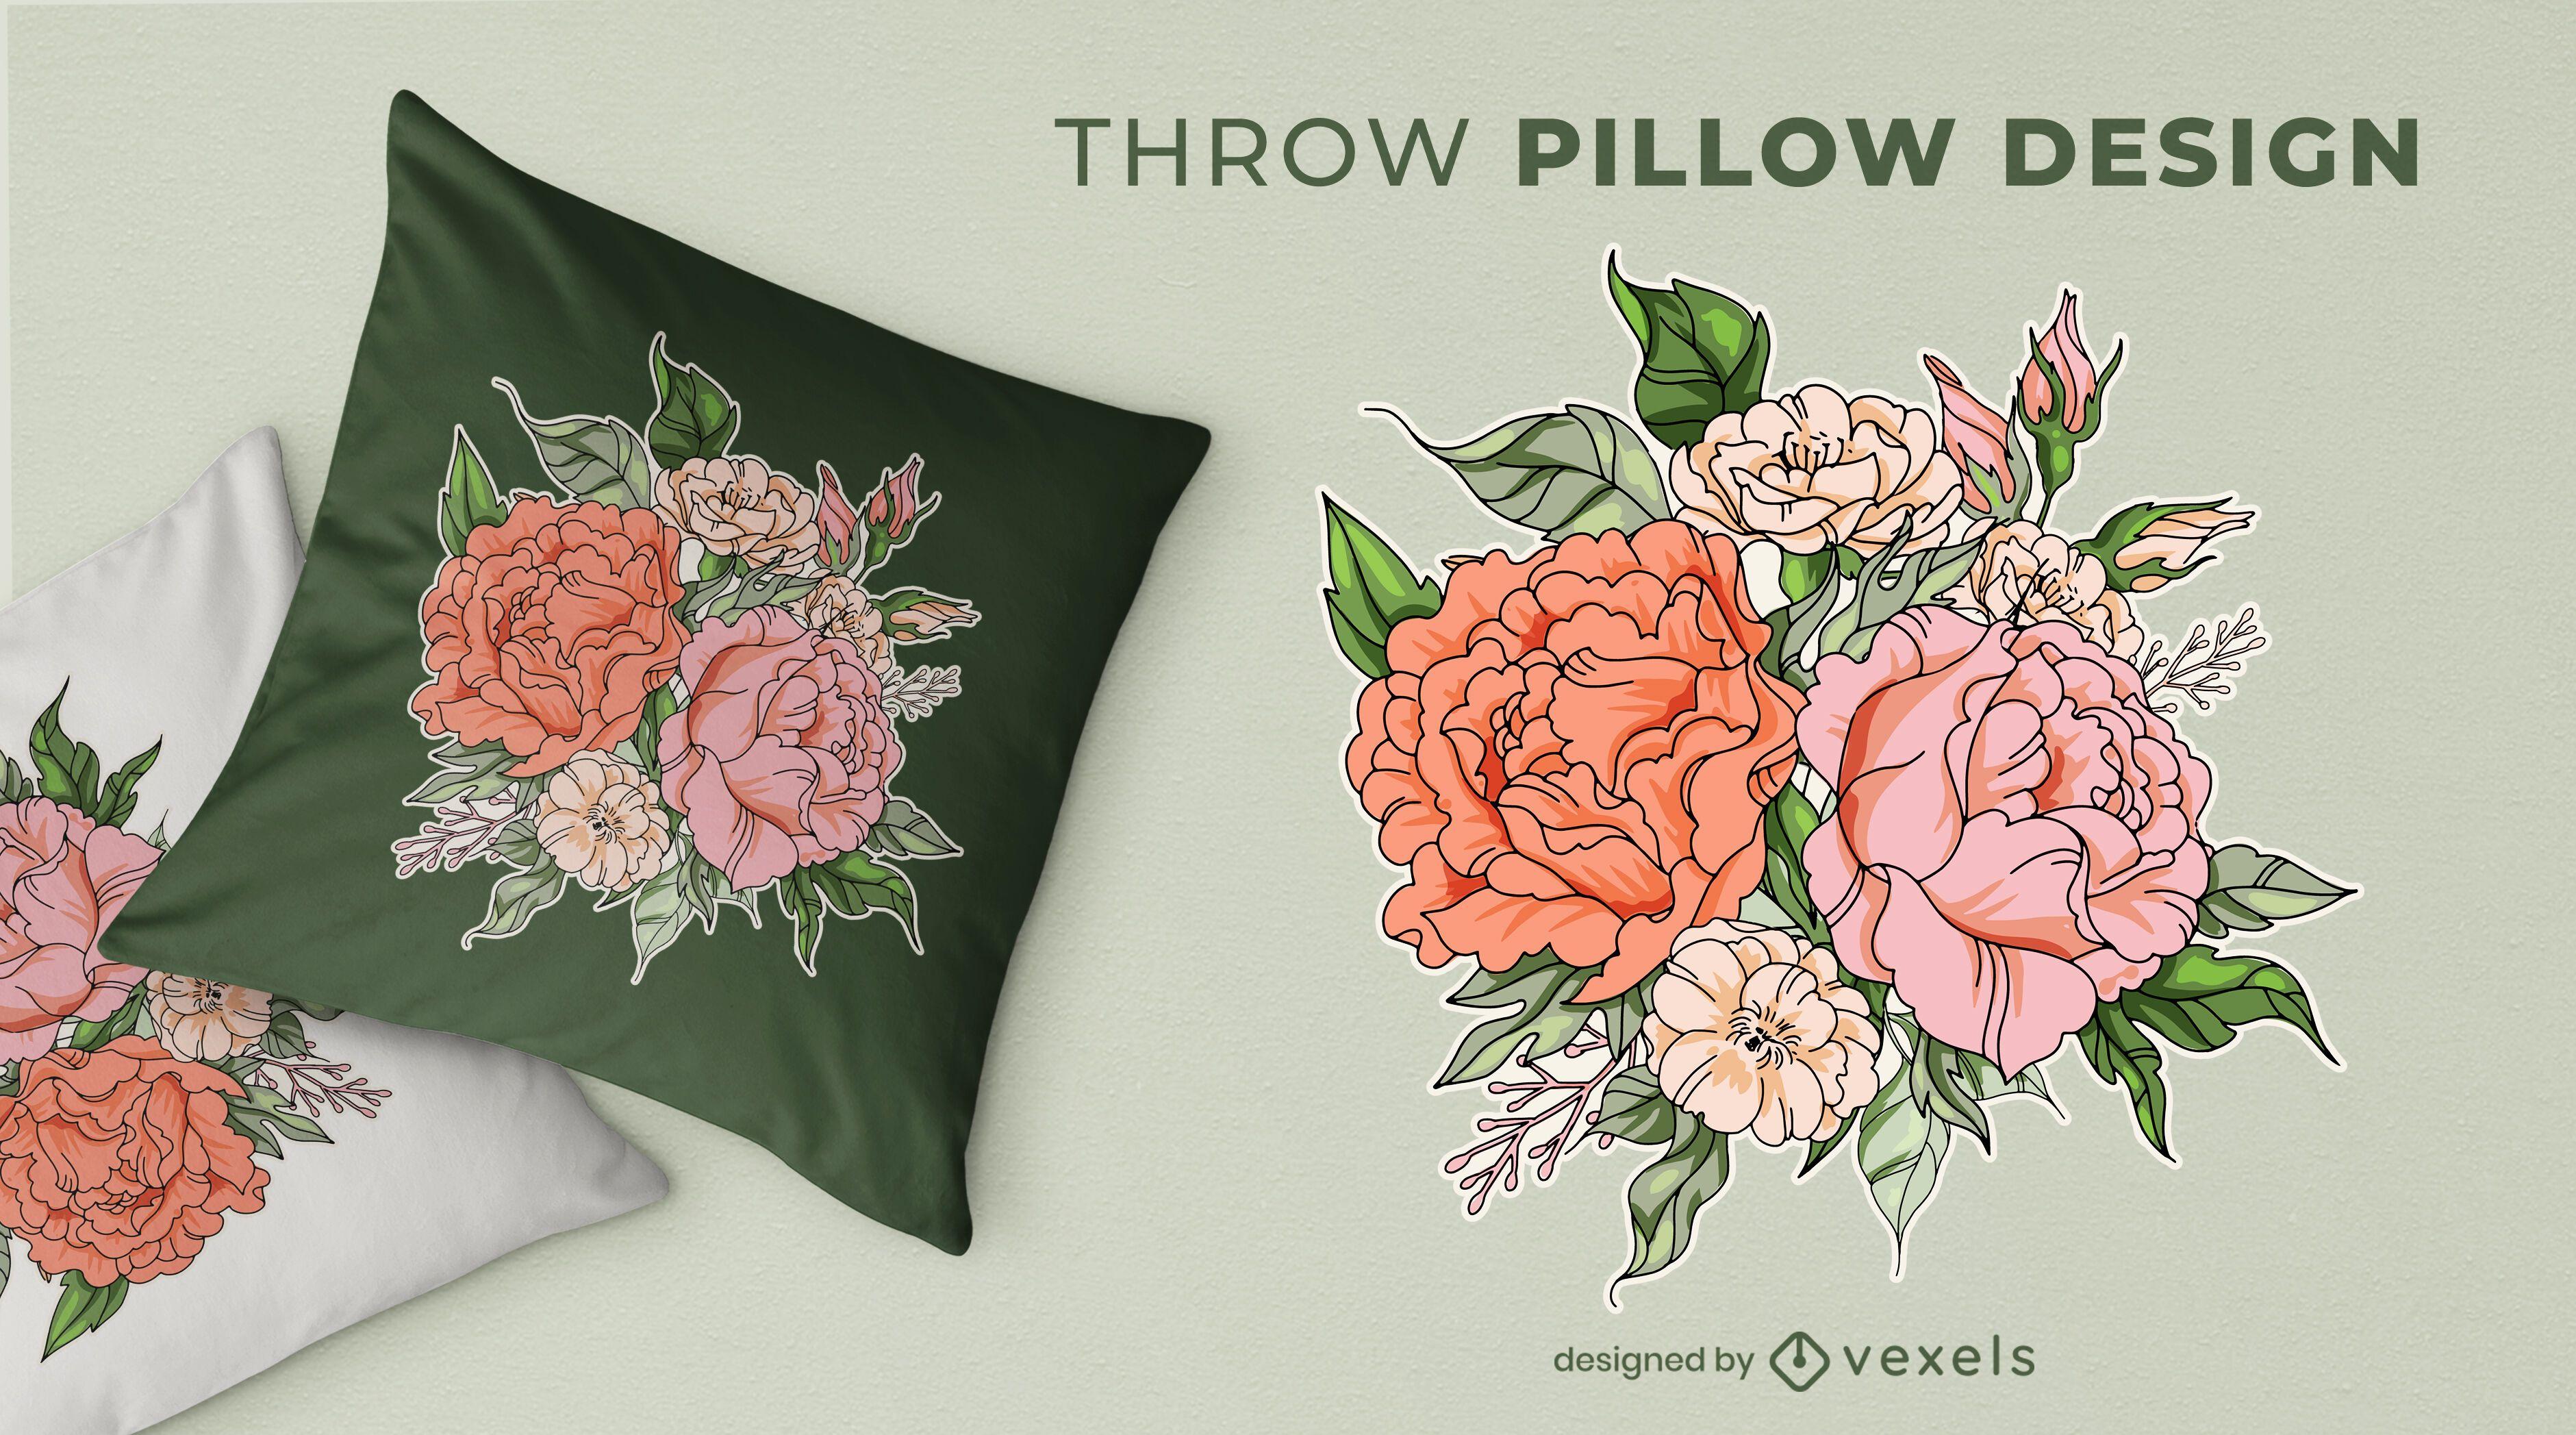 Diseño de almohada de tiro con ramo de flores